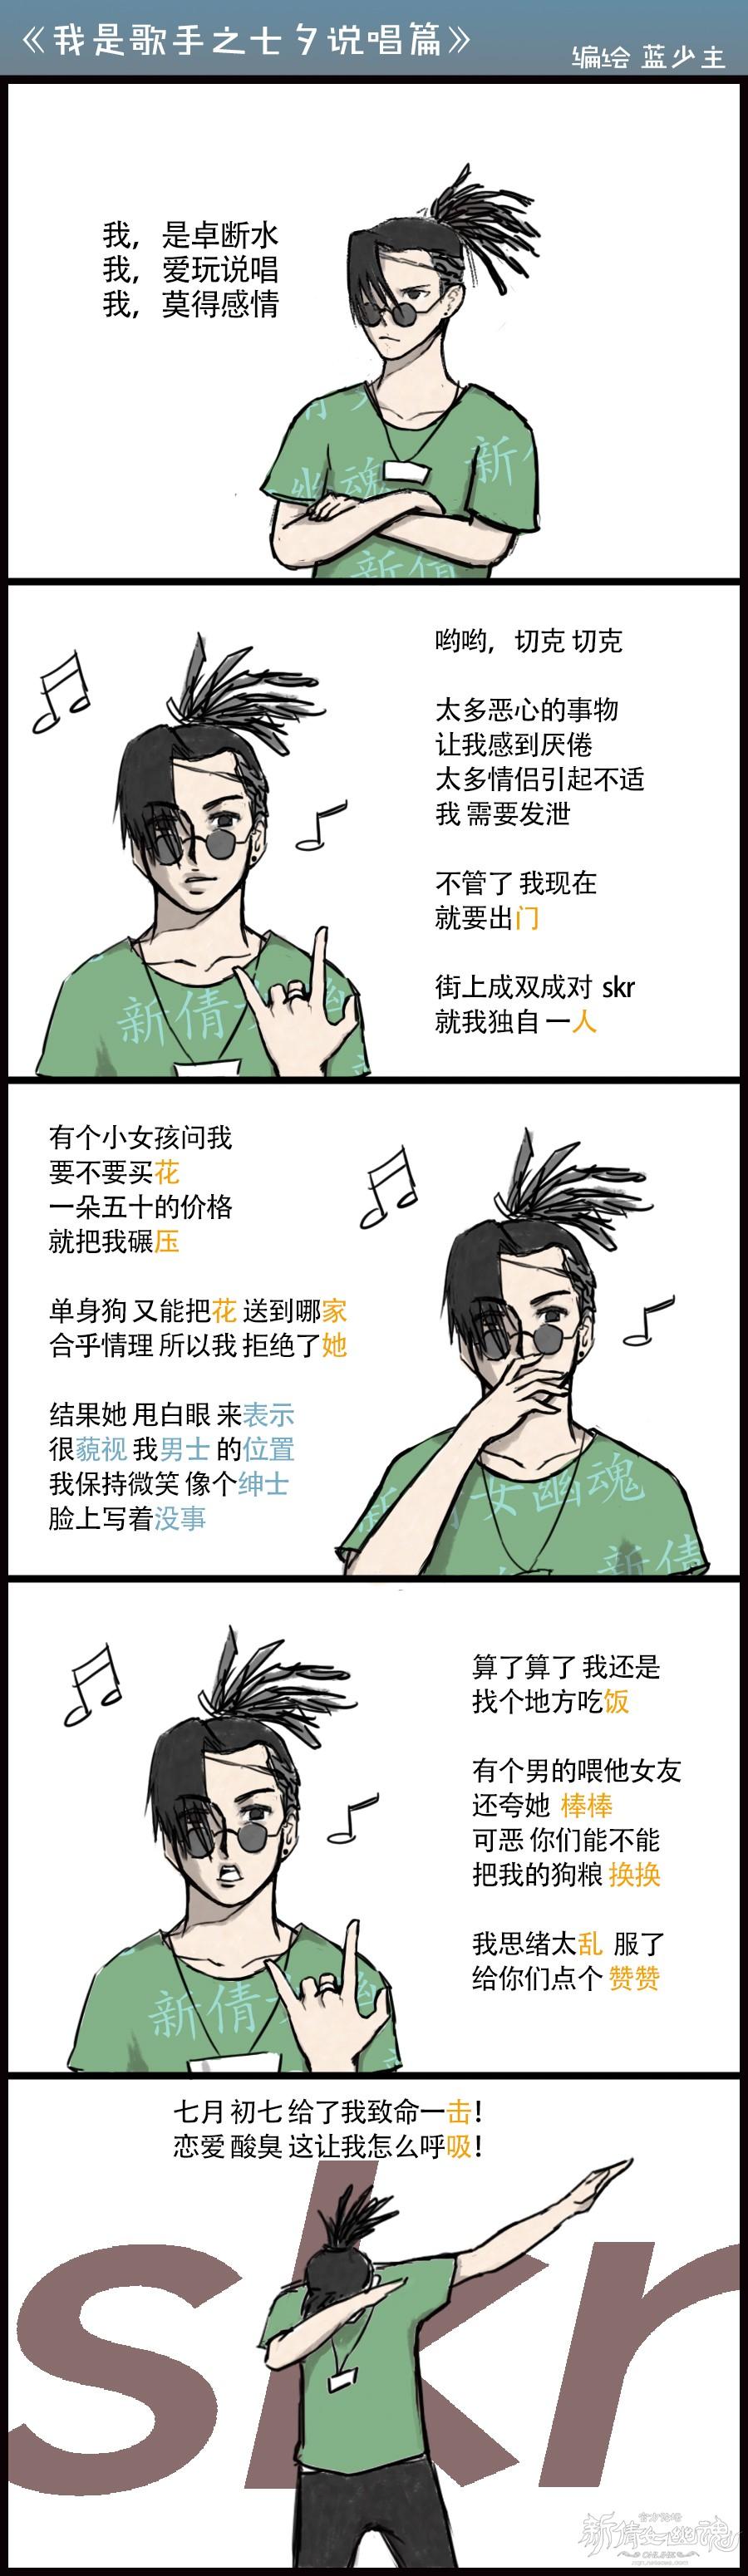 【名人堂】【条漫】《我是个歌手——七夕篇》